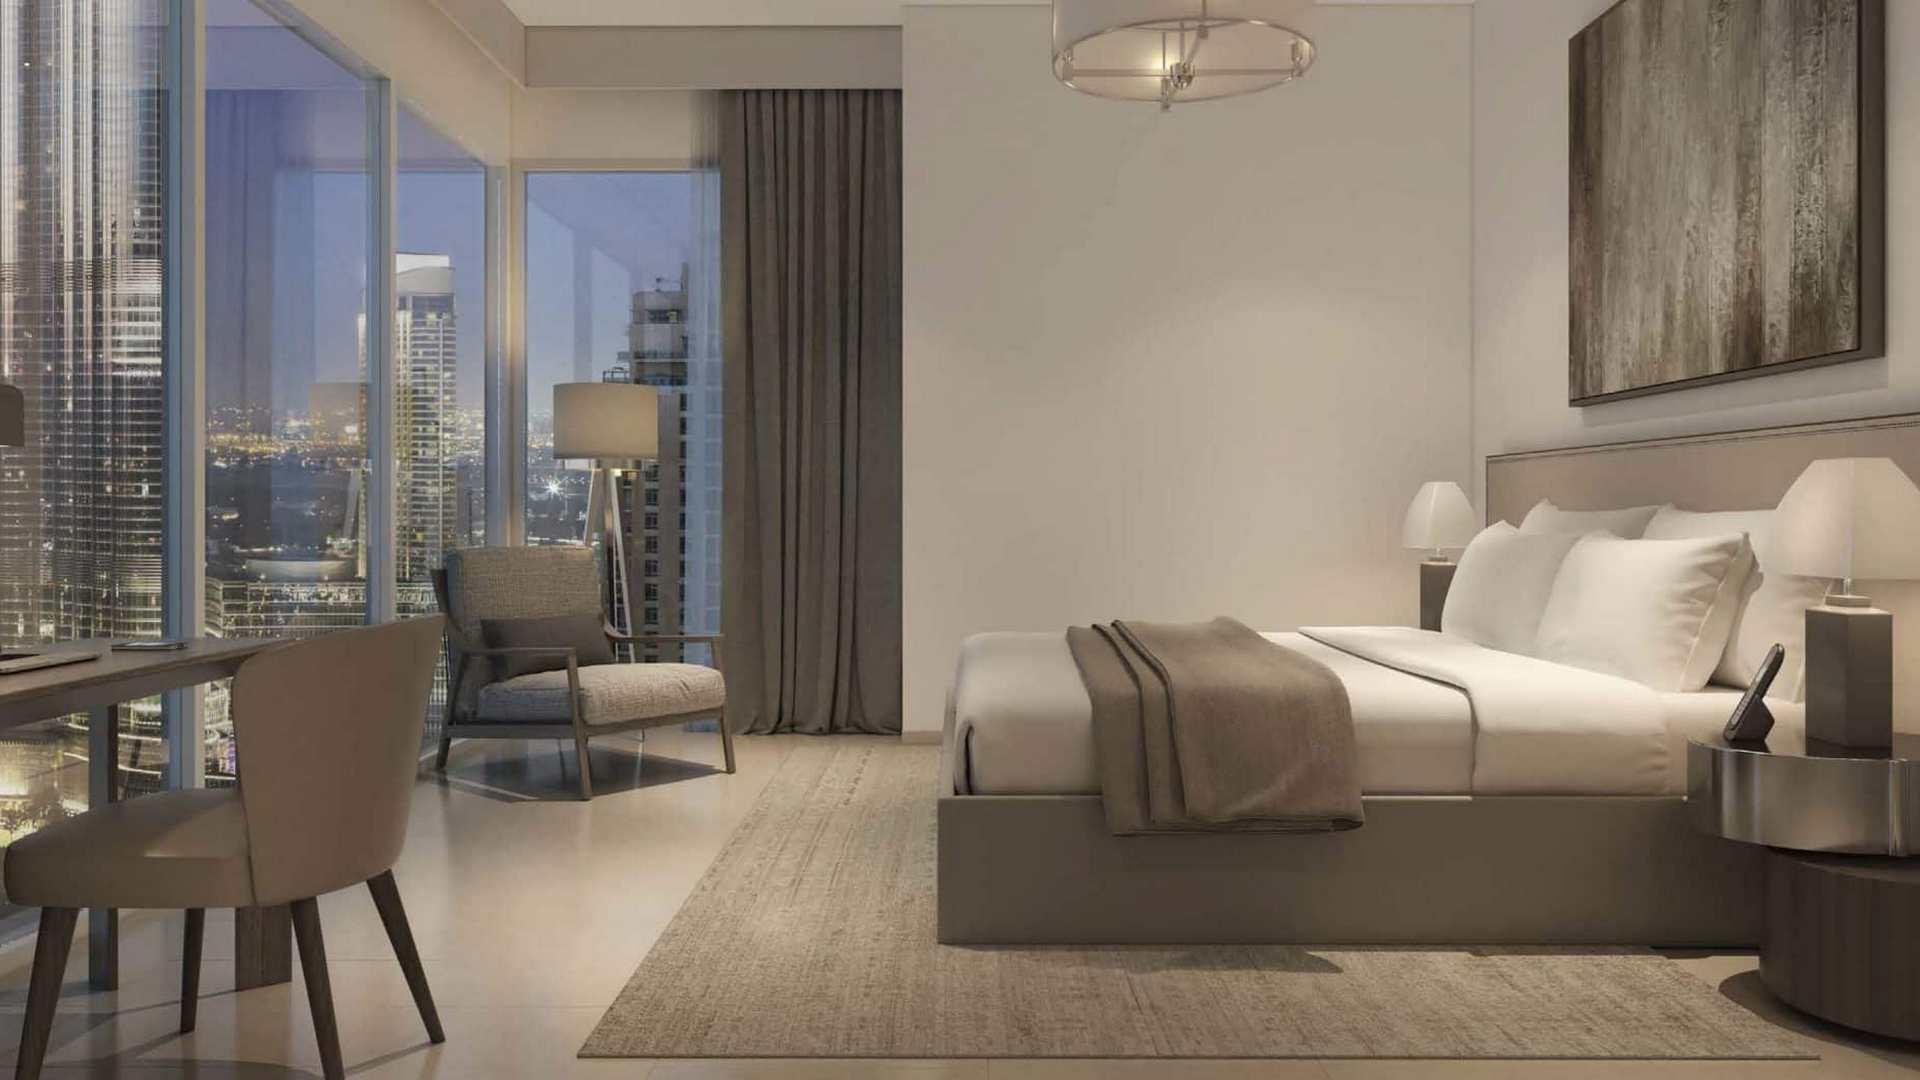 Apartment for sale in Dubai, UAE, 3 bedrooms, 166 m2, No. 23867 – photo 1